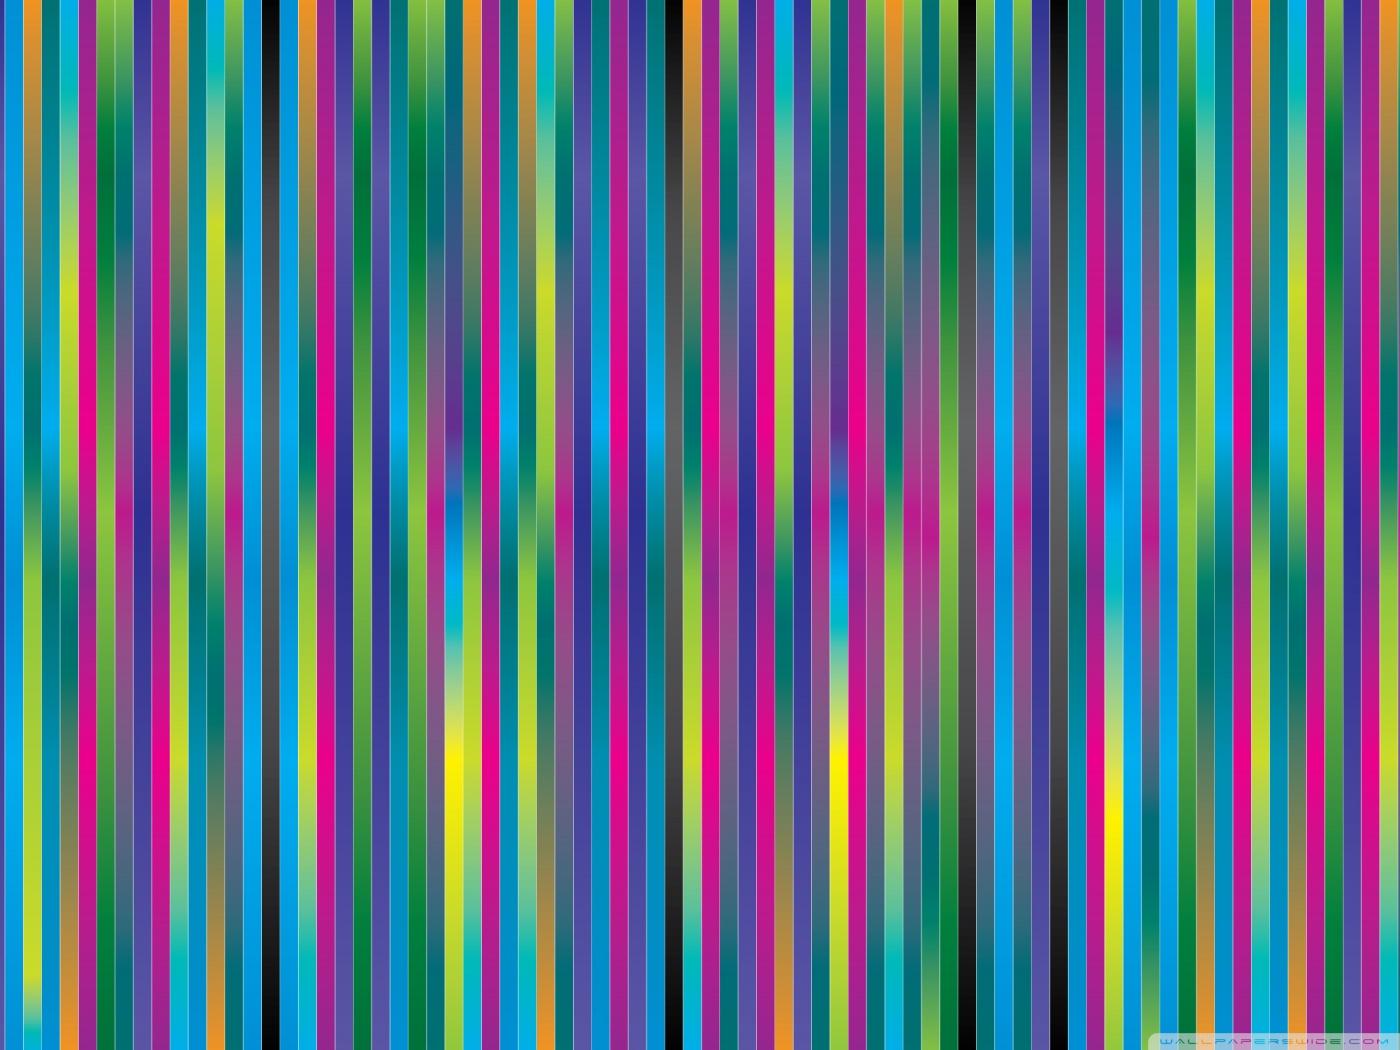 Cute Desktop Wallpaper Reddit Colorful Stripes Ii 4k Hd Desktop Wallpaper For 4k Ultra Hd Tv